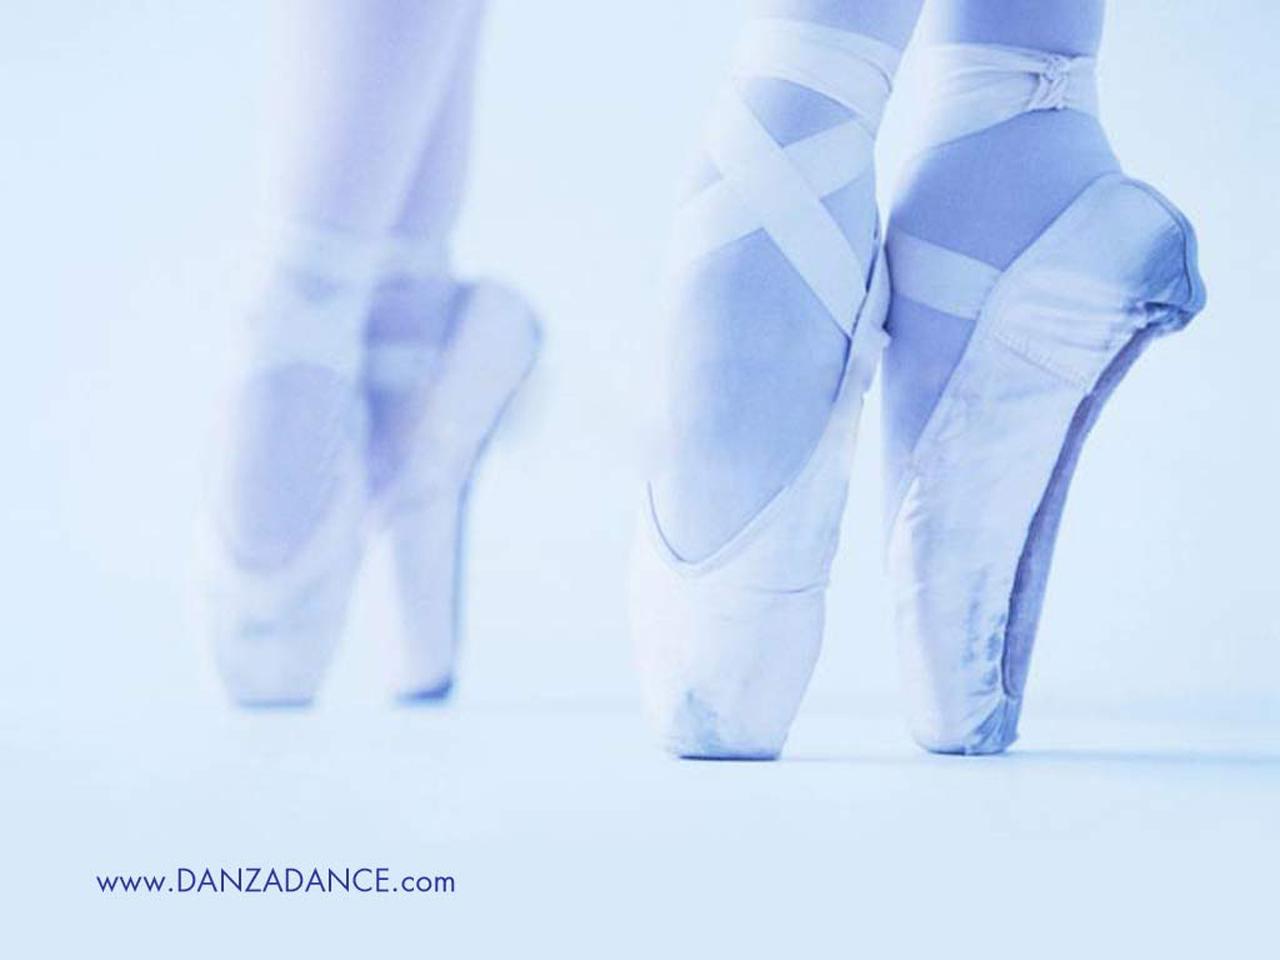 Sfondi danza wallpaper per telefono e computer www for Immagini di ballerine di danza moderna